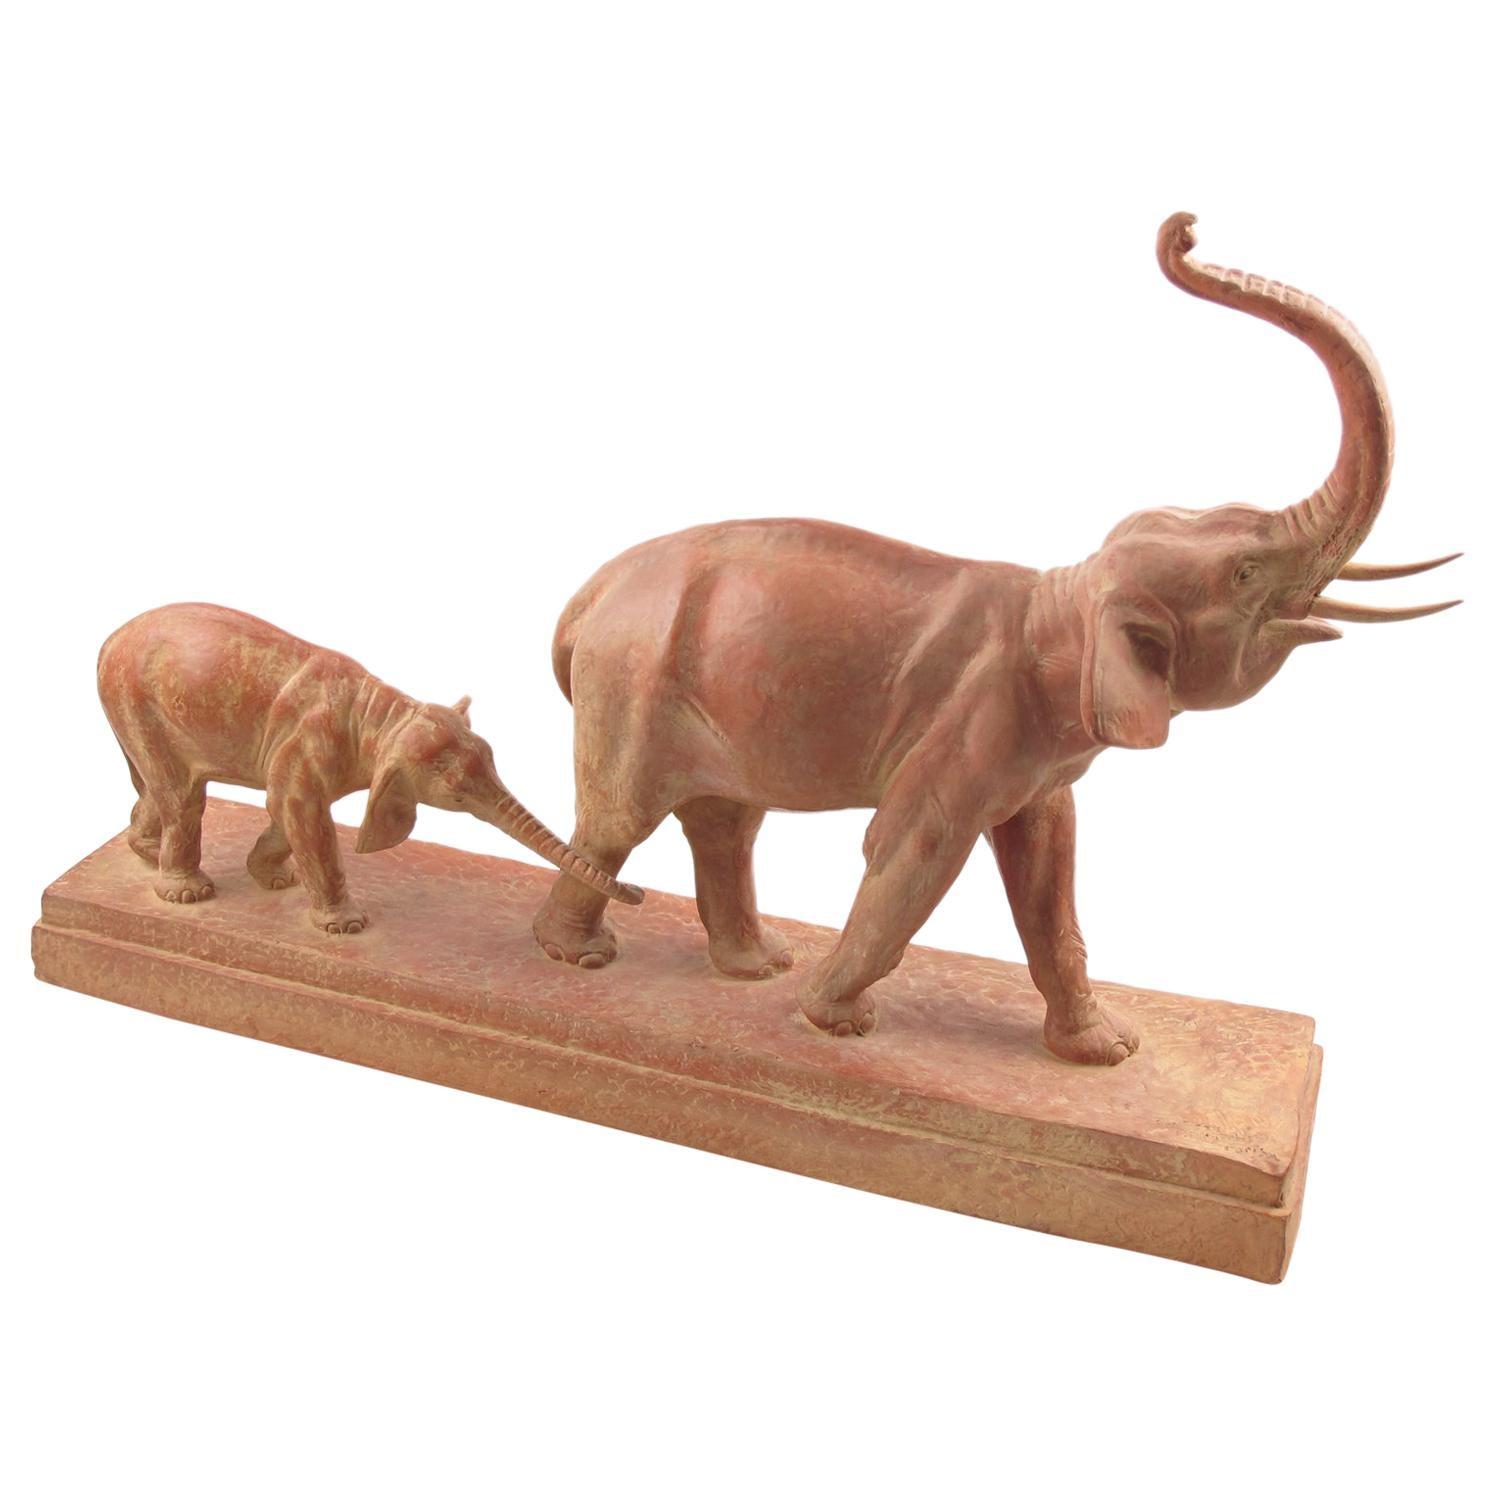 Demetre Chiparus Art Deco Terracotta Sculpture Elephant